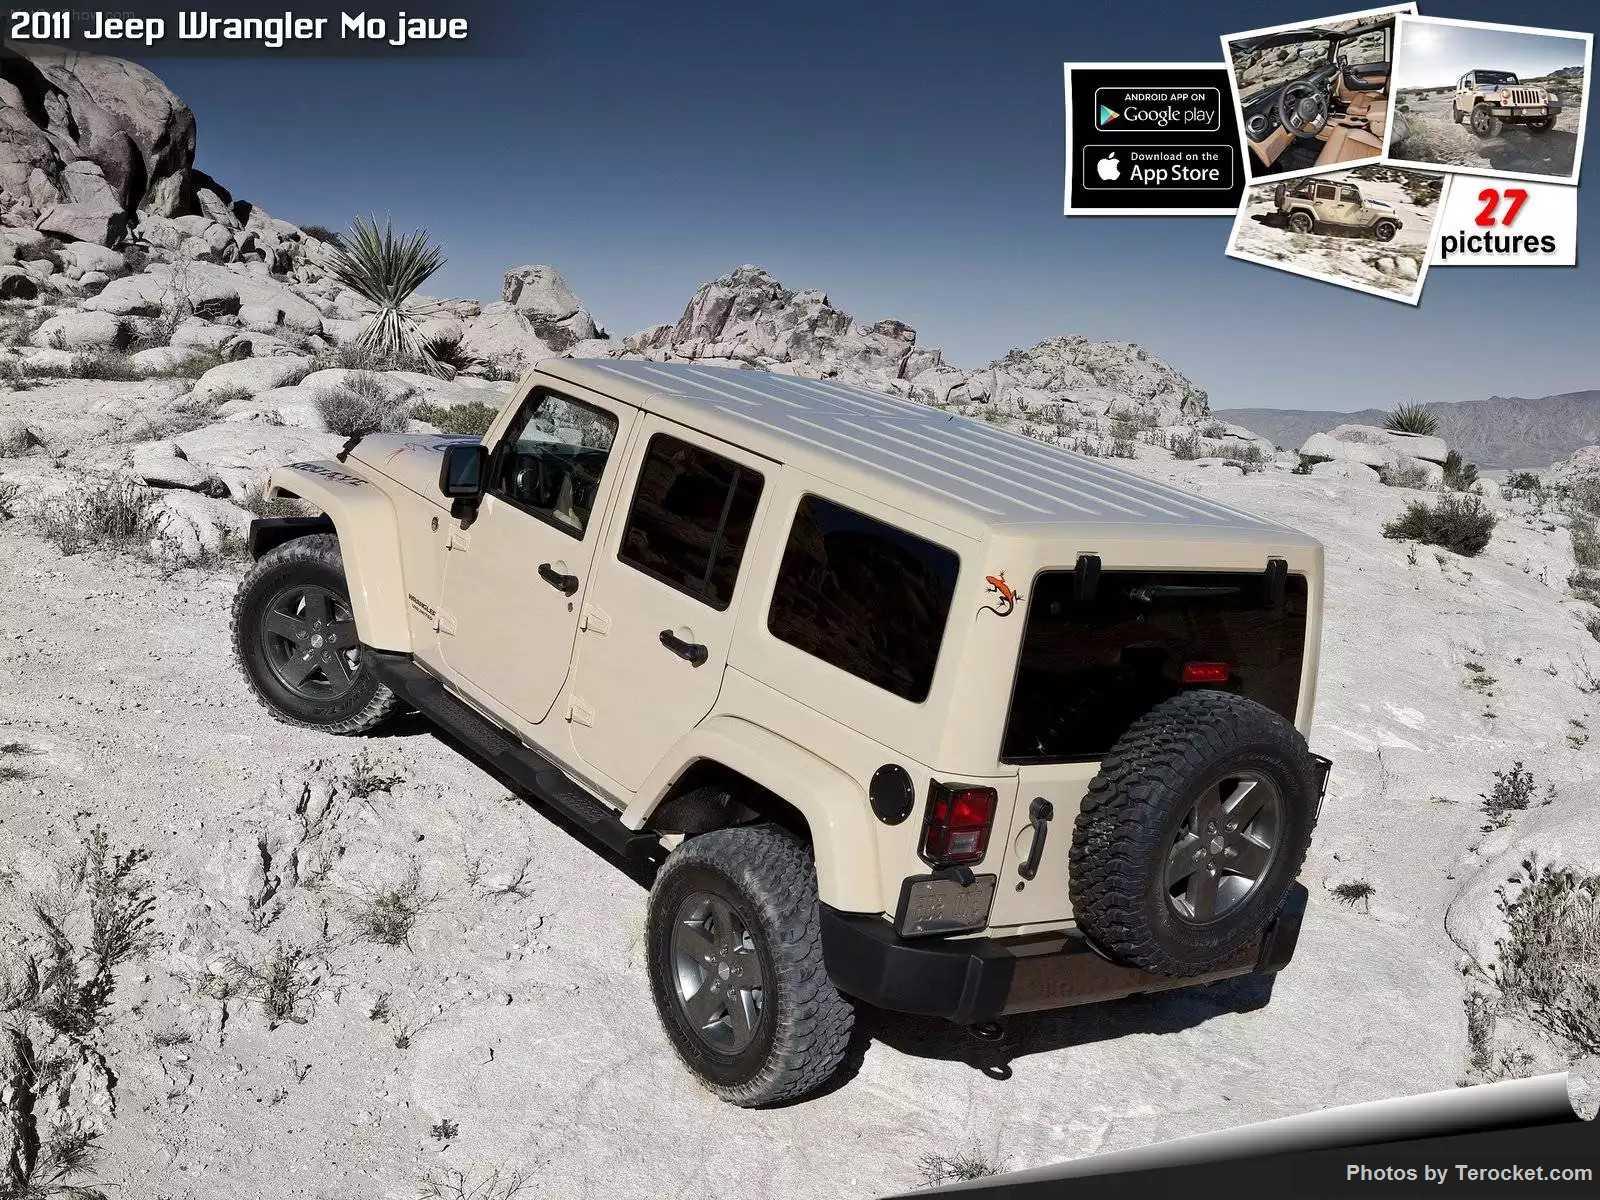 Hình ảnh xe ô tô Jeep Wrangler Mojave 2011 & nội ngoại thất